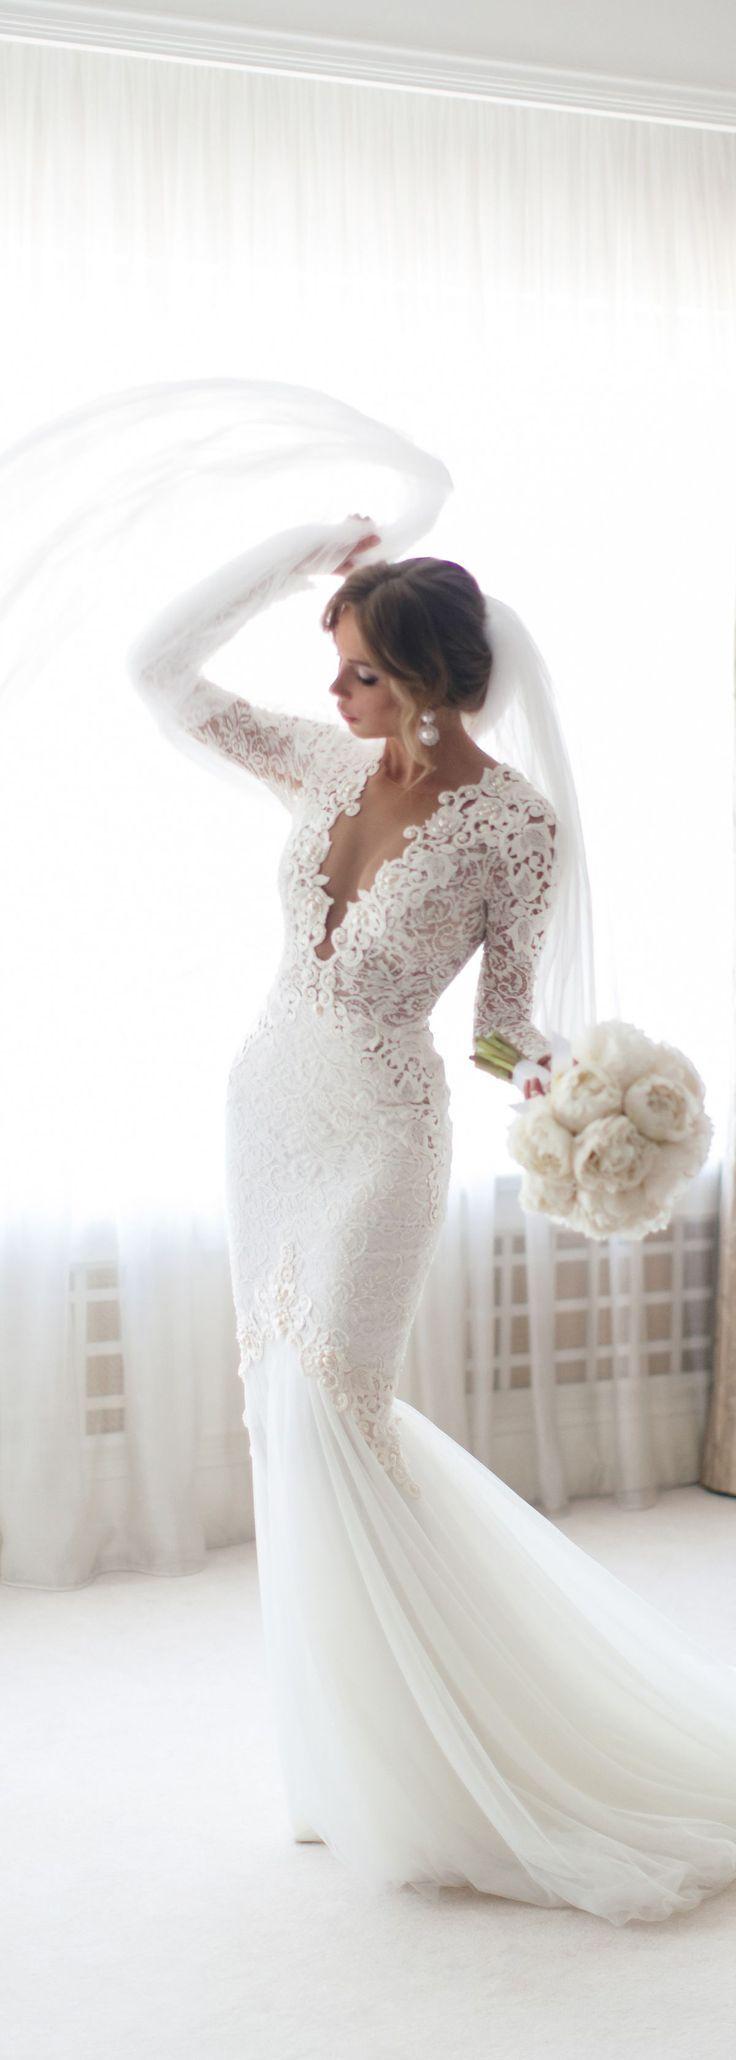 575 best Wedding dresses images on Pinterest | Hochzeitskleider ...